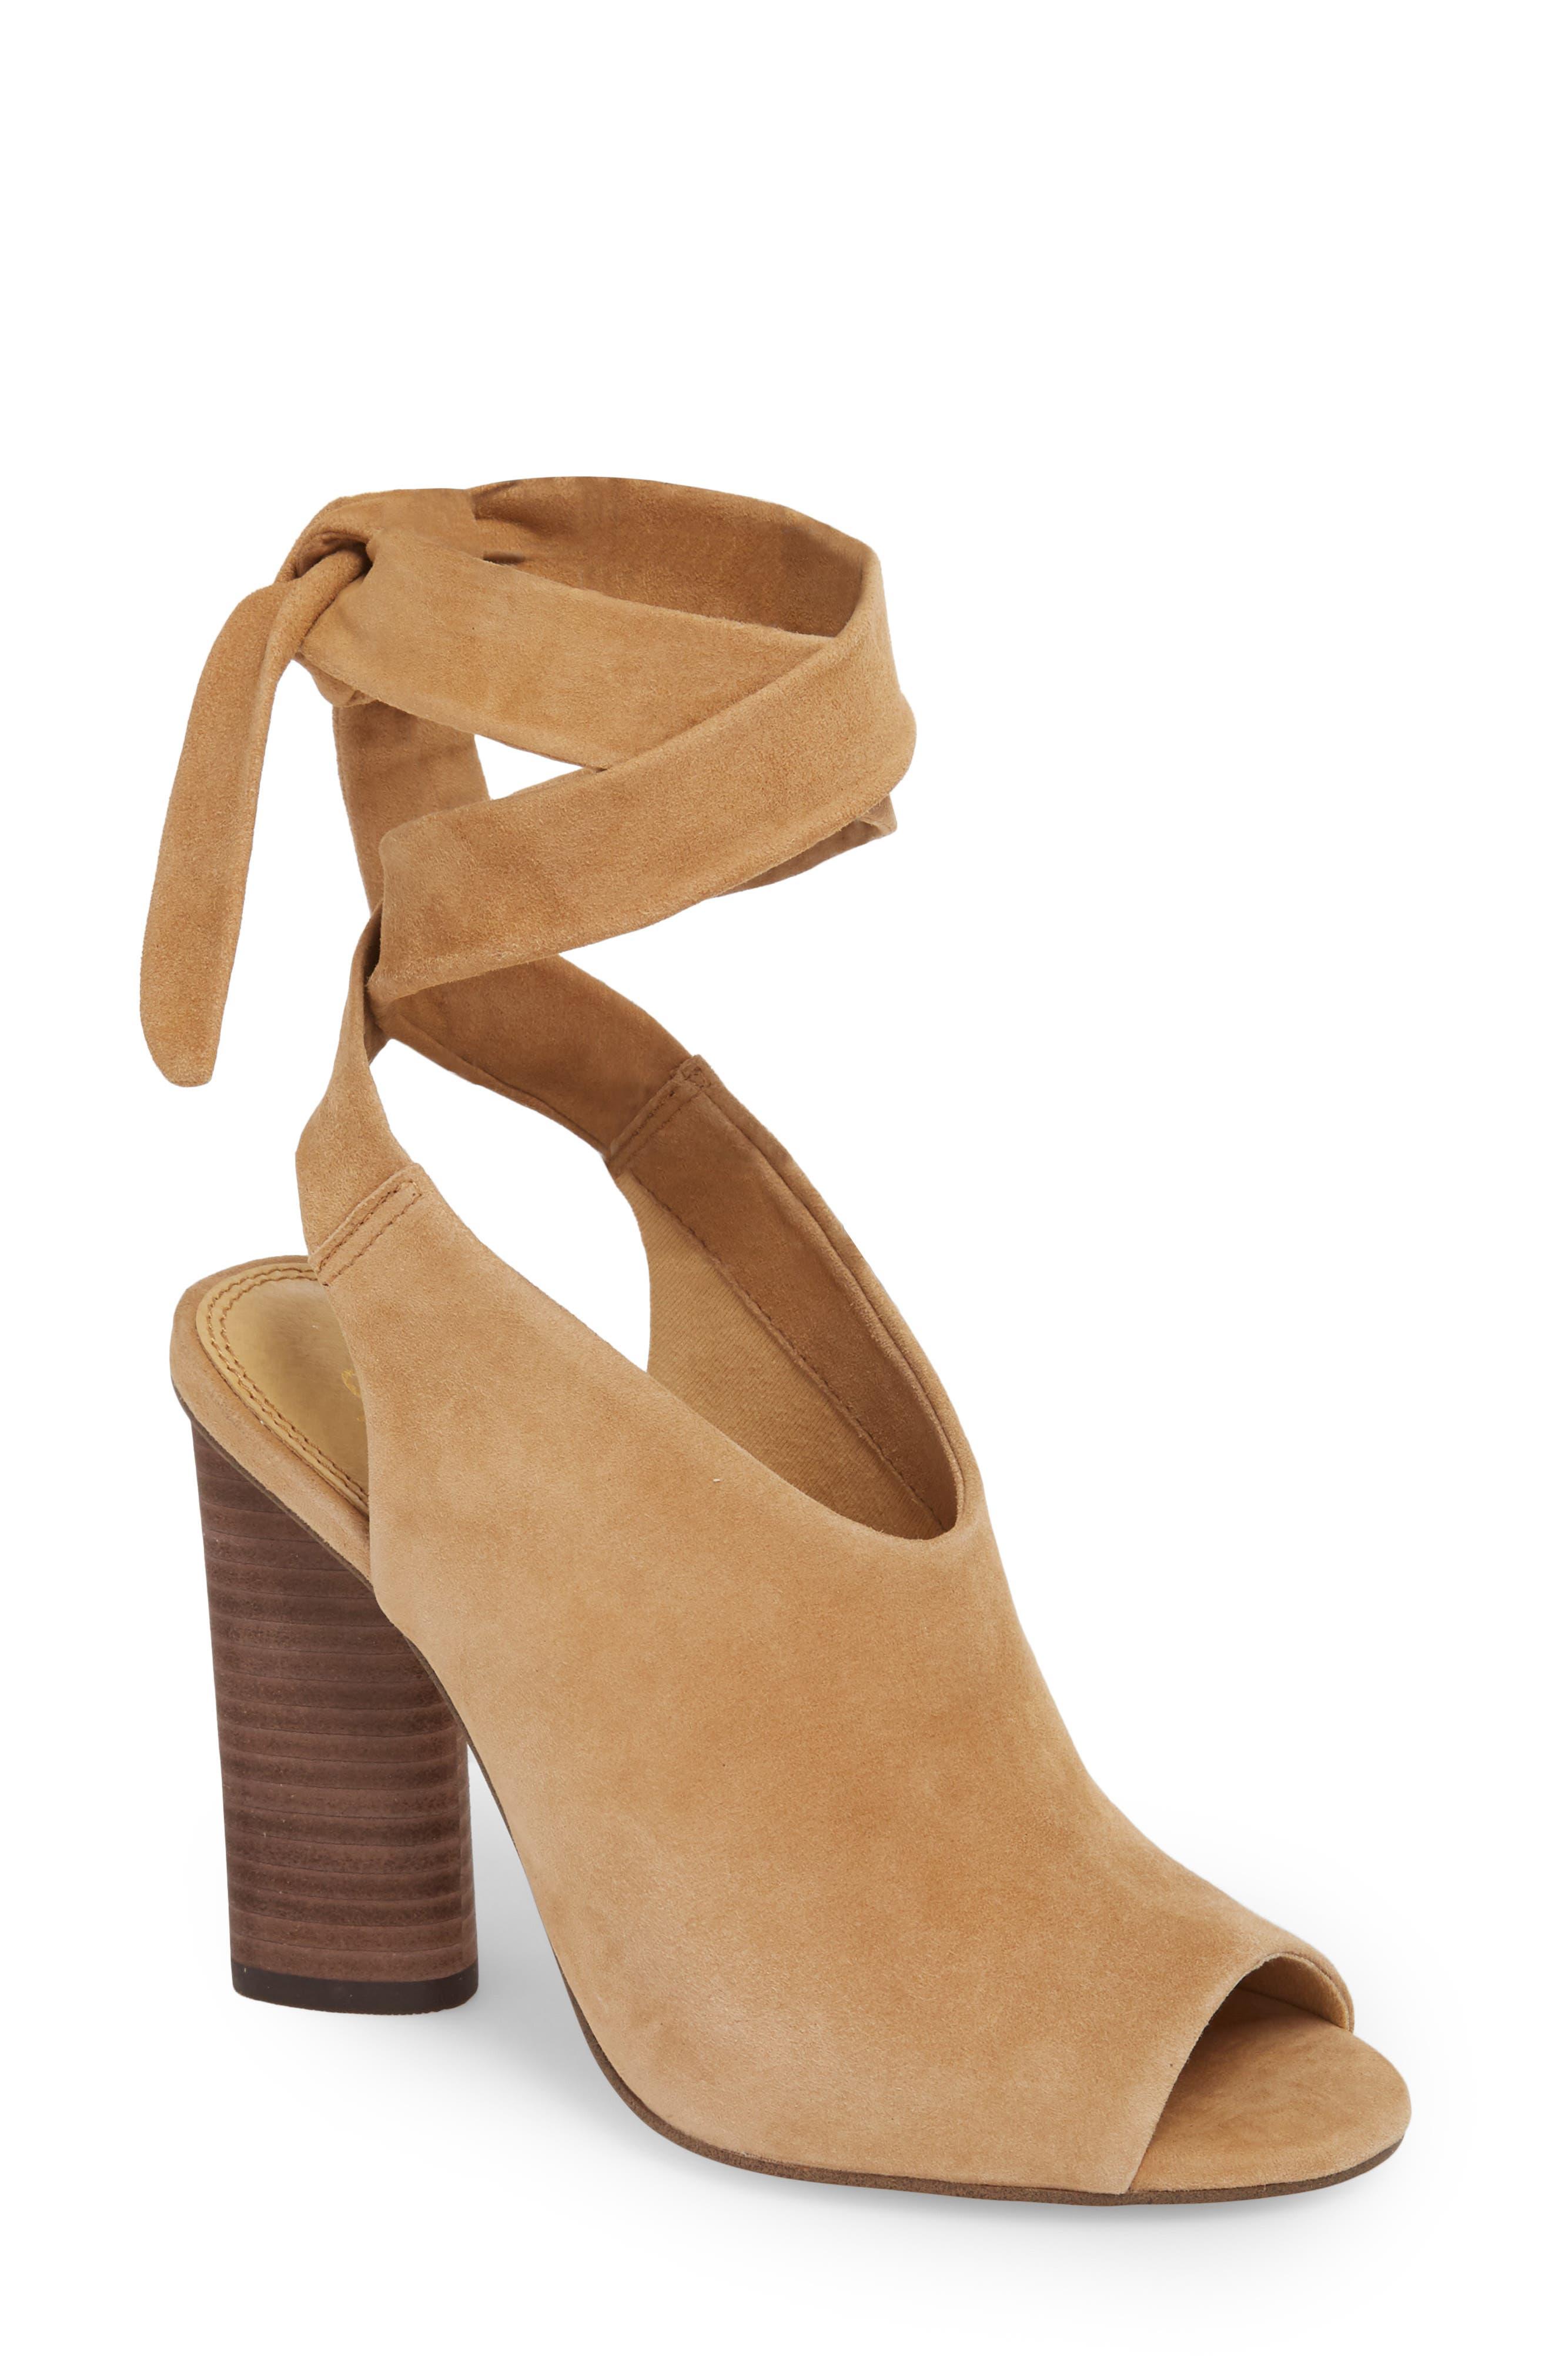 Navarro Ankle Wrap Sandal,                         Main,                         color, LIGHT OAK SUEDE